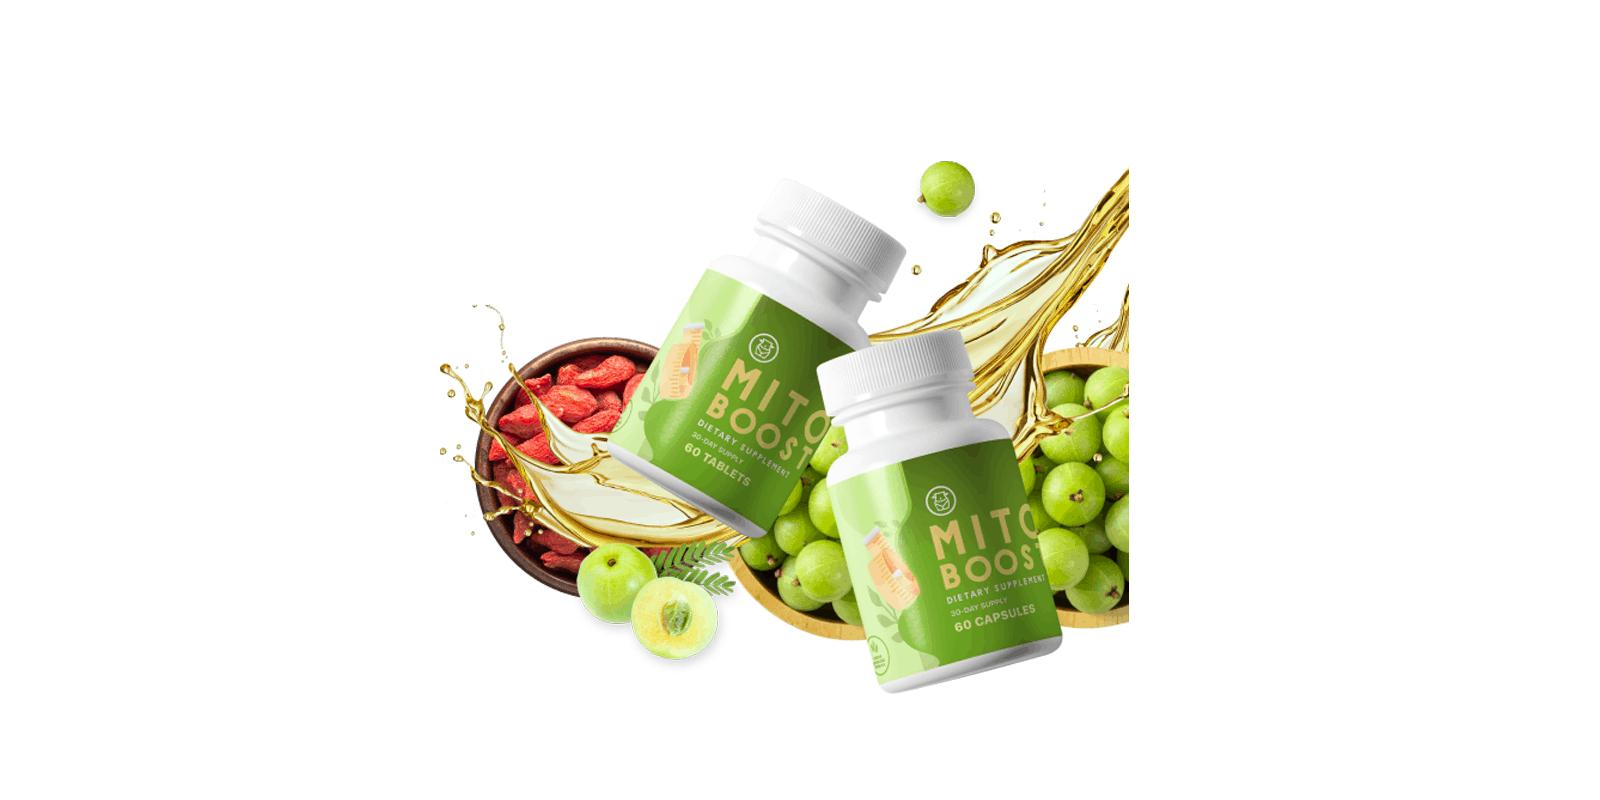 Mitoboost supplement